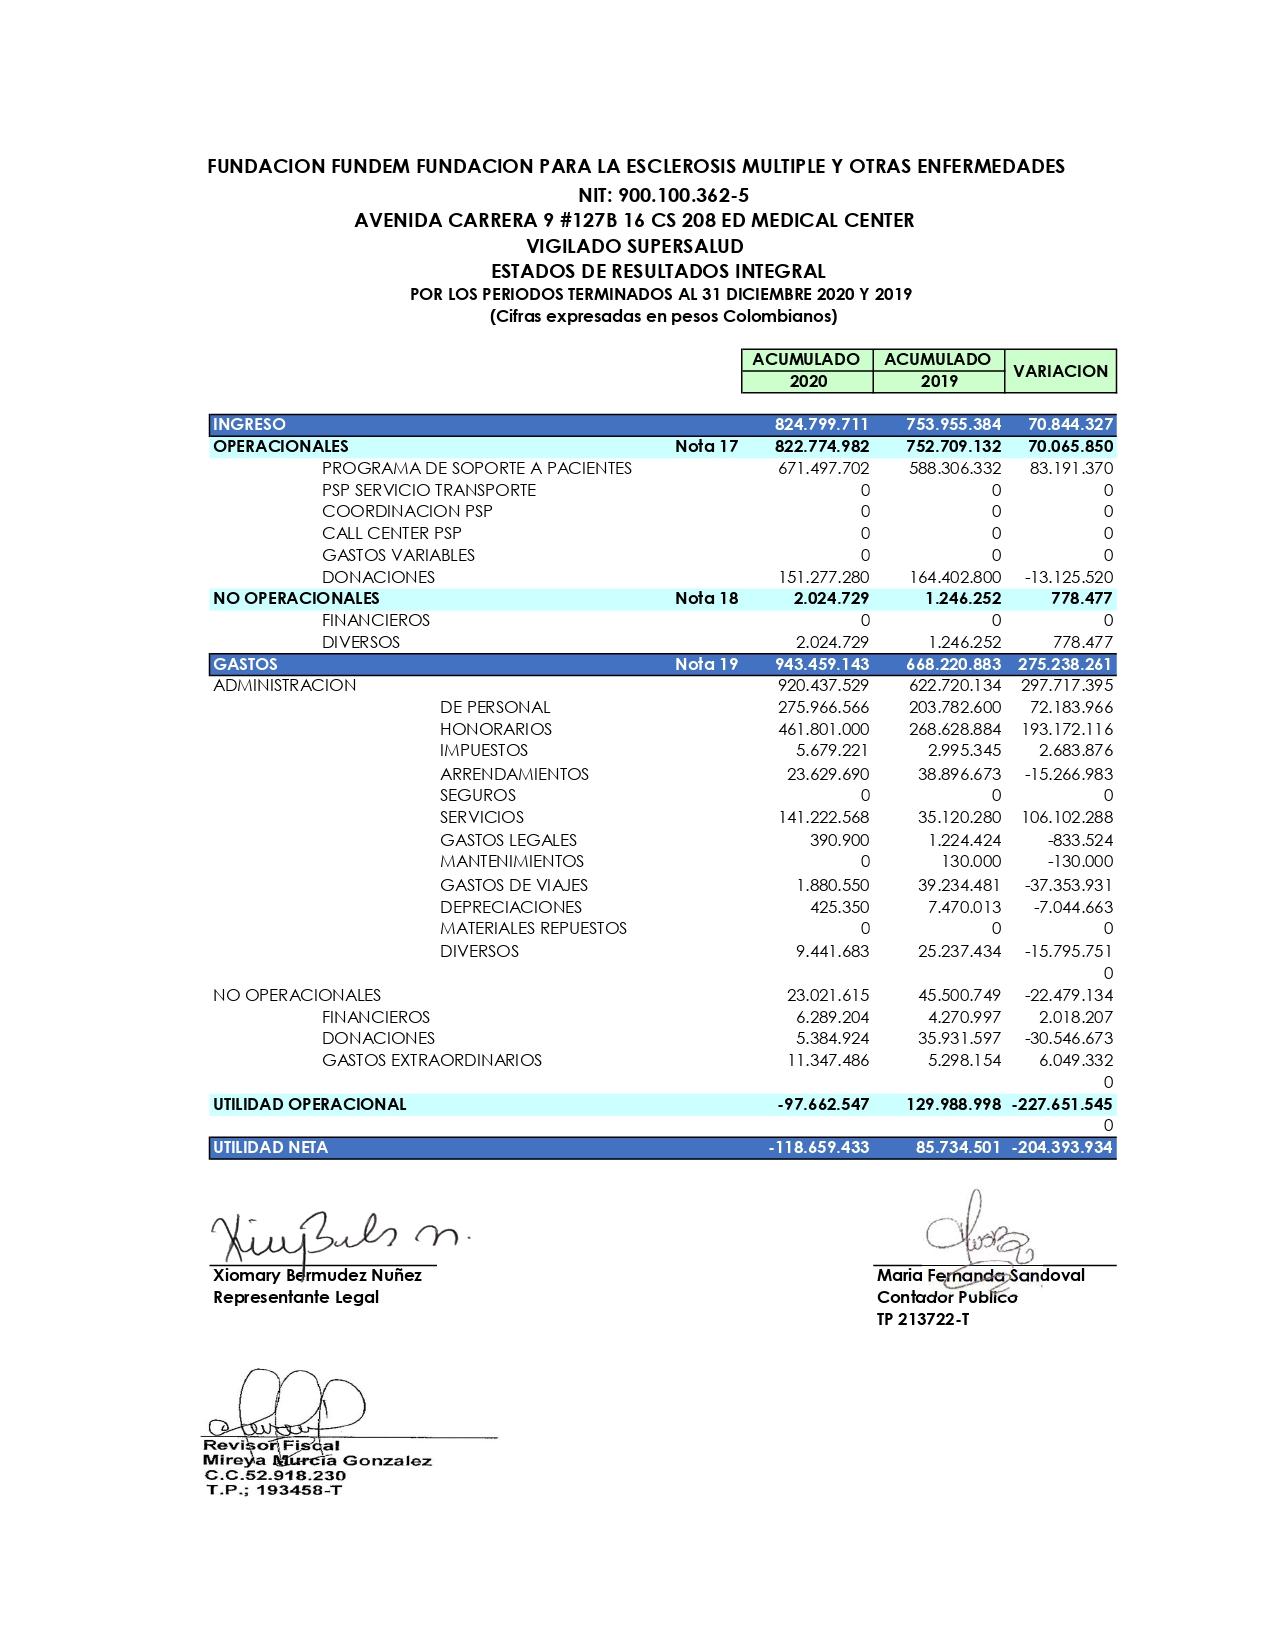 Estados Financieros Fundacion Fundem 2020_page-0003